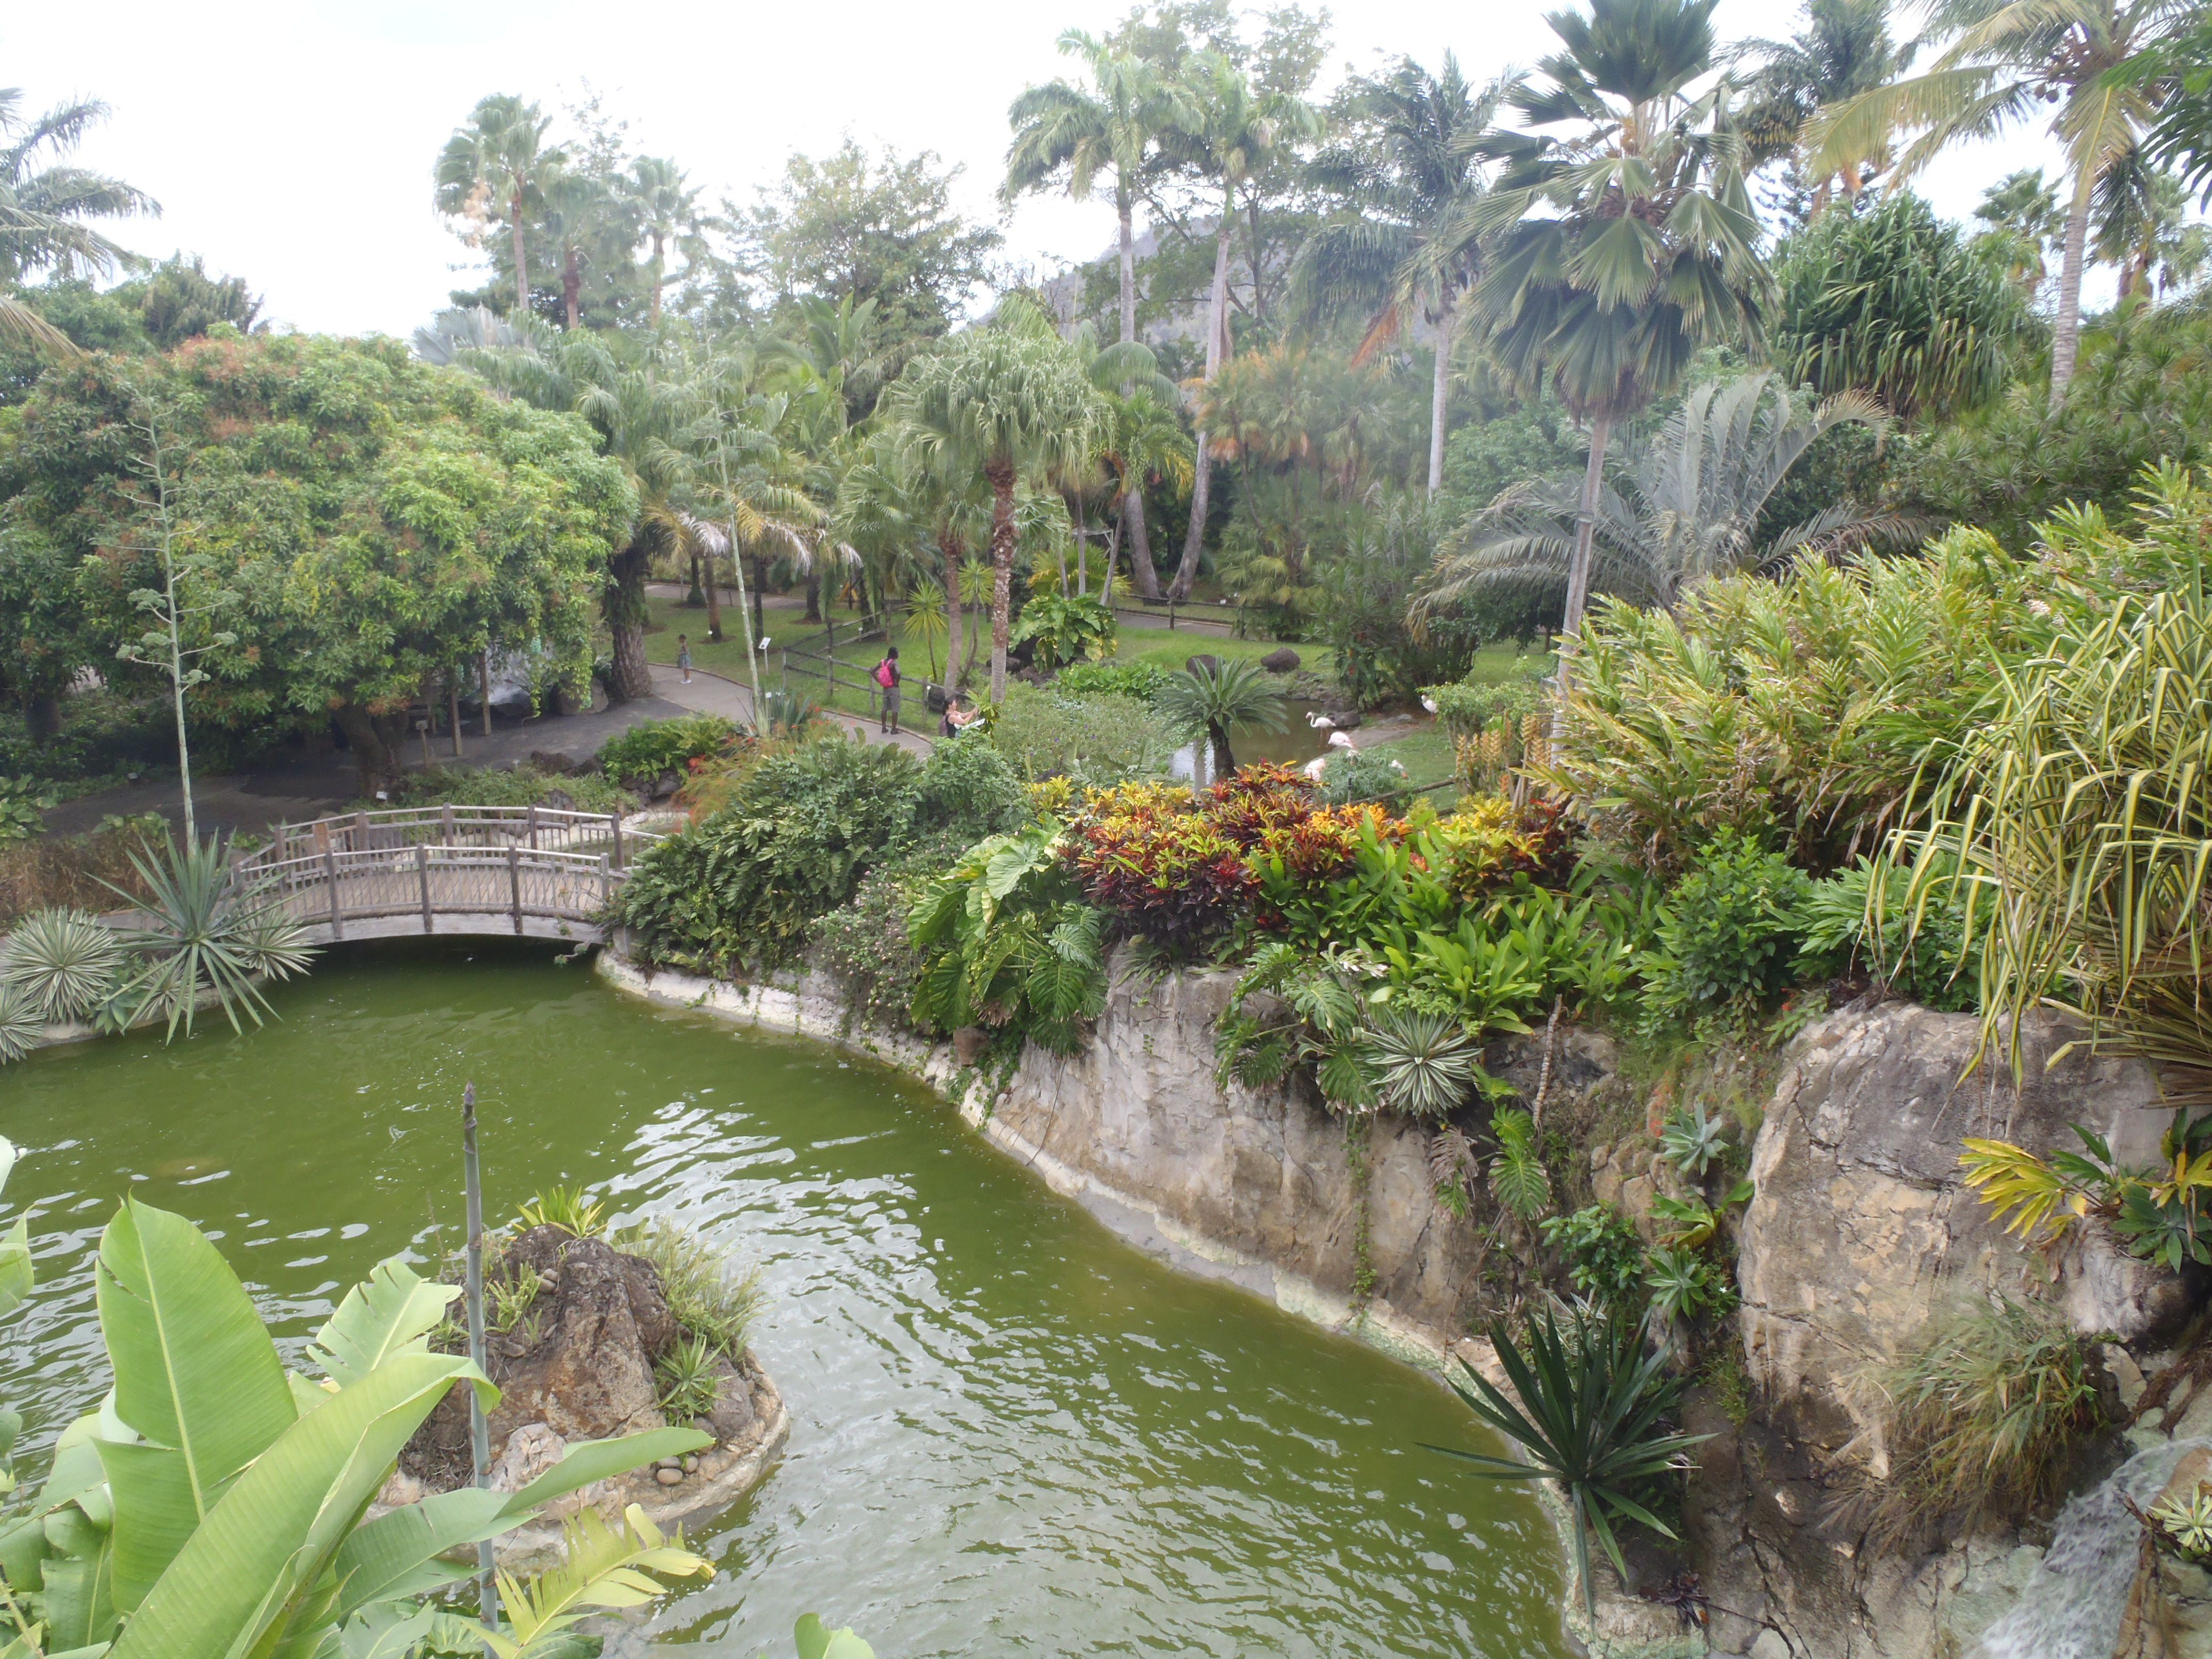 Jardin botanique deshaies guadeloupe le galdi for Jardin botanique guadeloupe